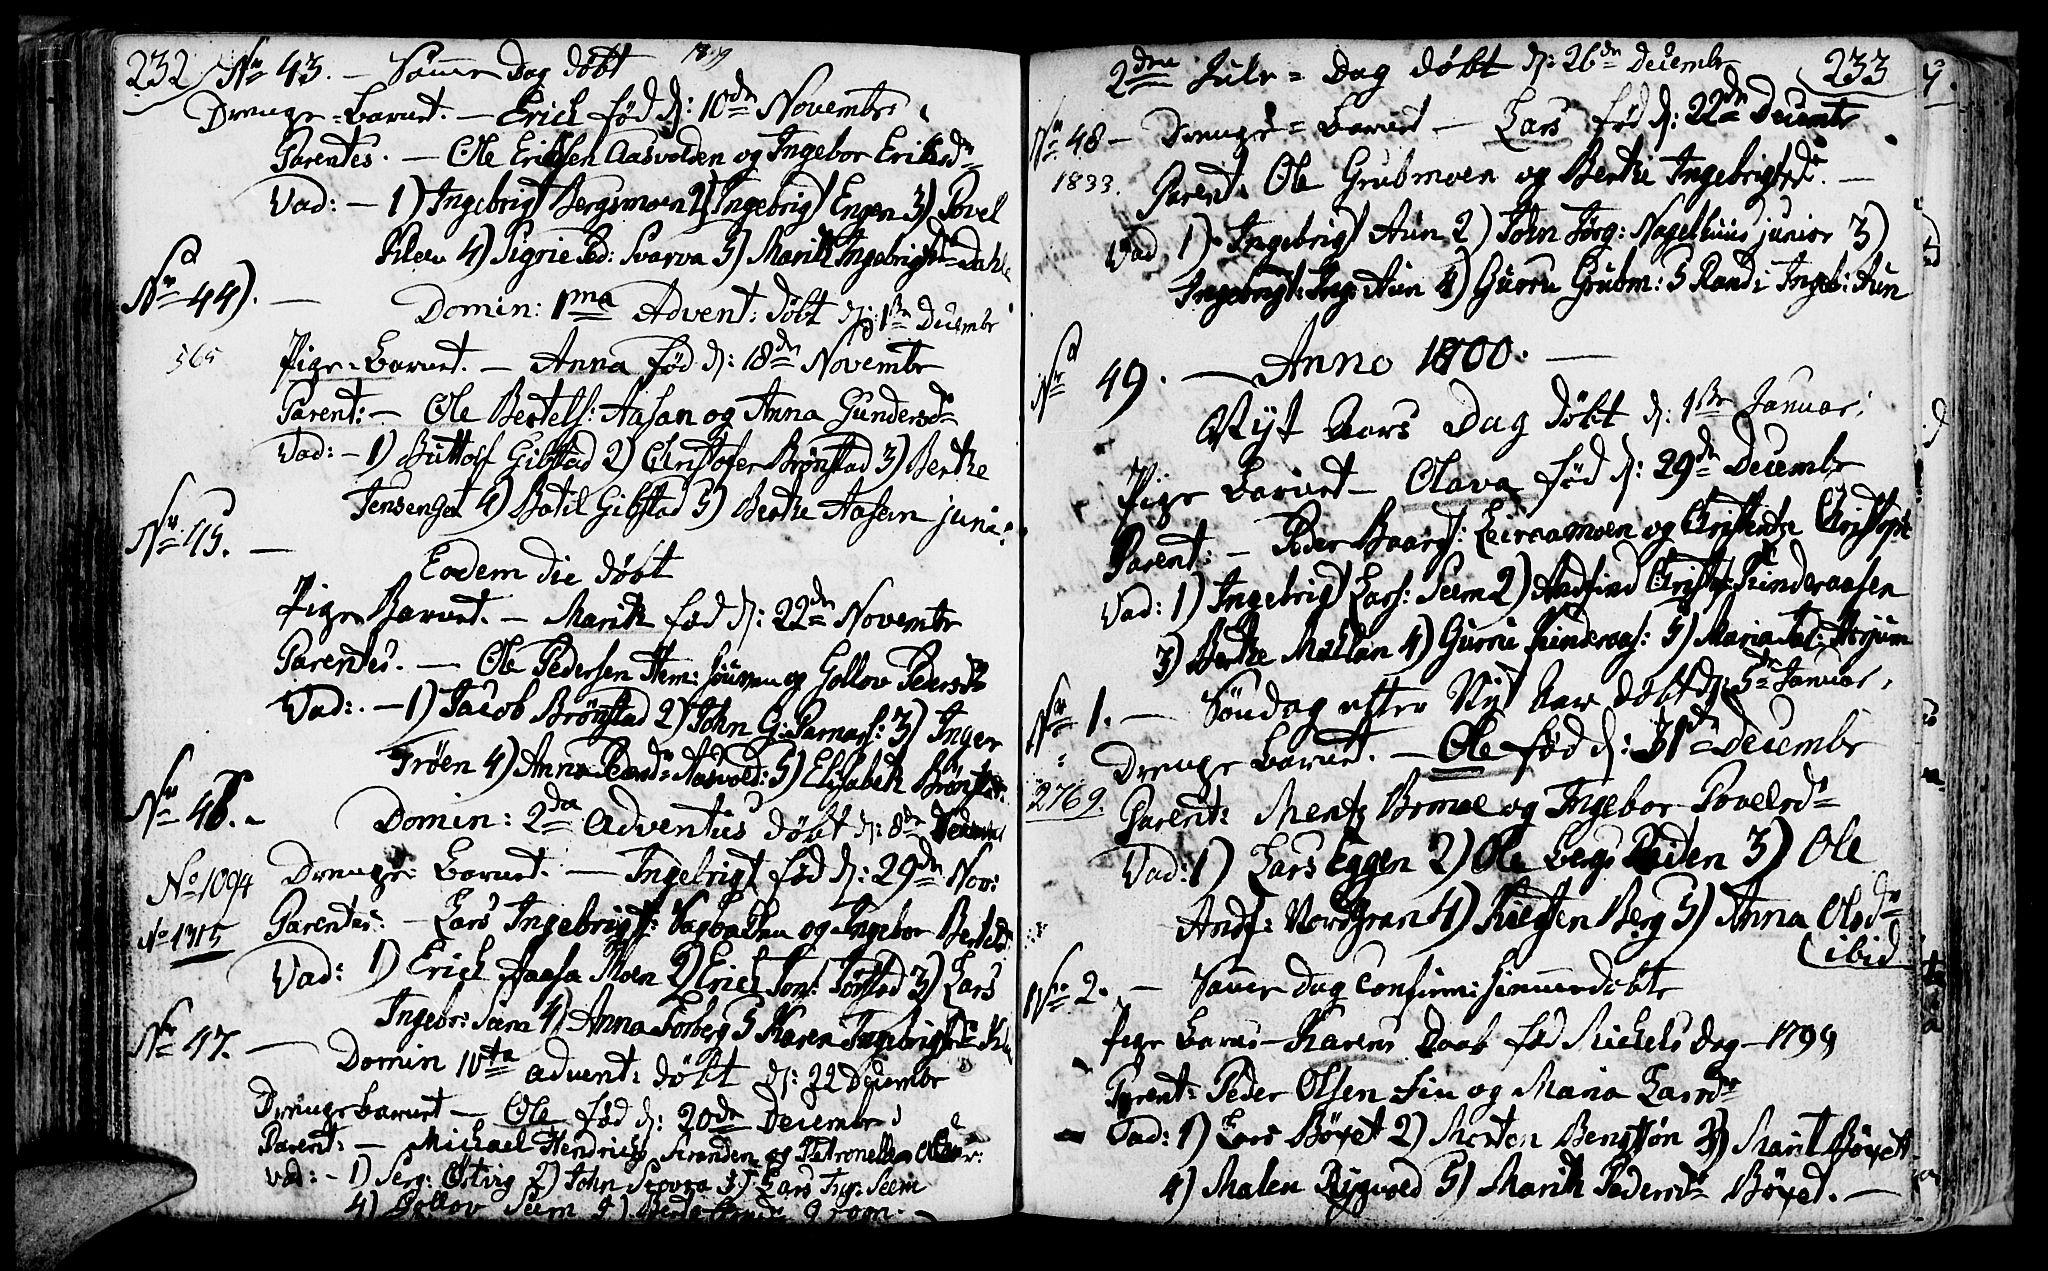 SAT, Ministerialprotokoller, klokkerbøker og fødselsregistre - Nord-Trøndelag, 749/L0468: Ministerialbok nr. 749A02, 1787-1817, s. 232-233